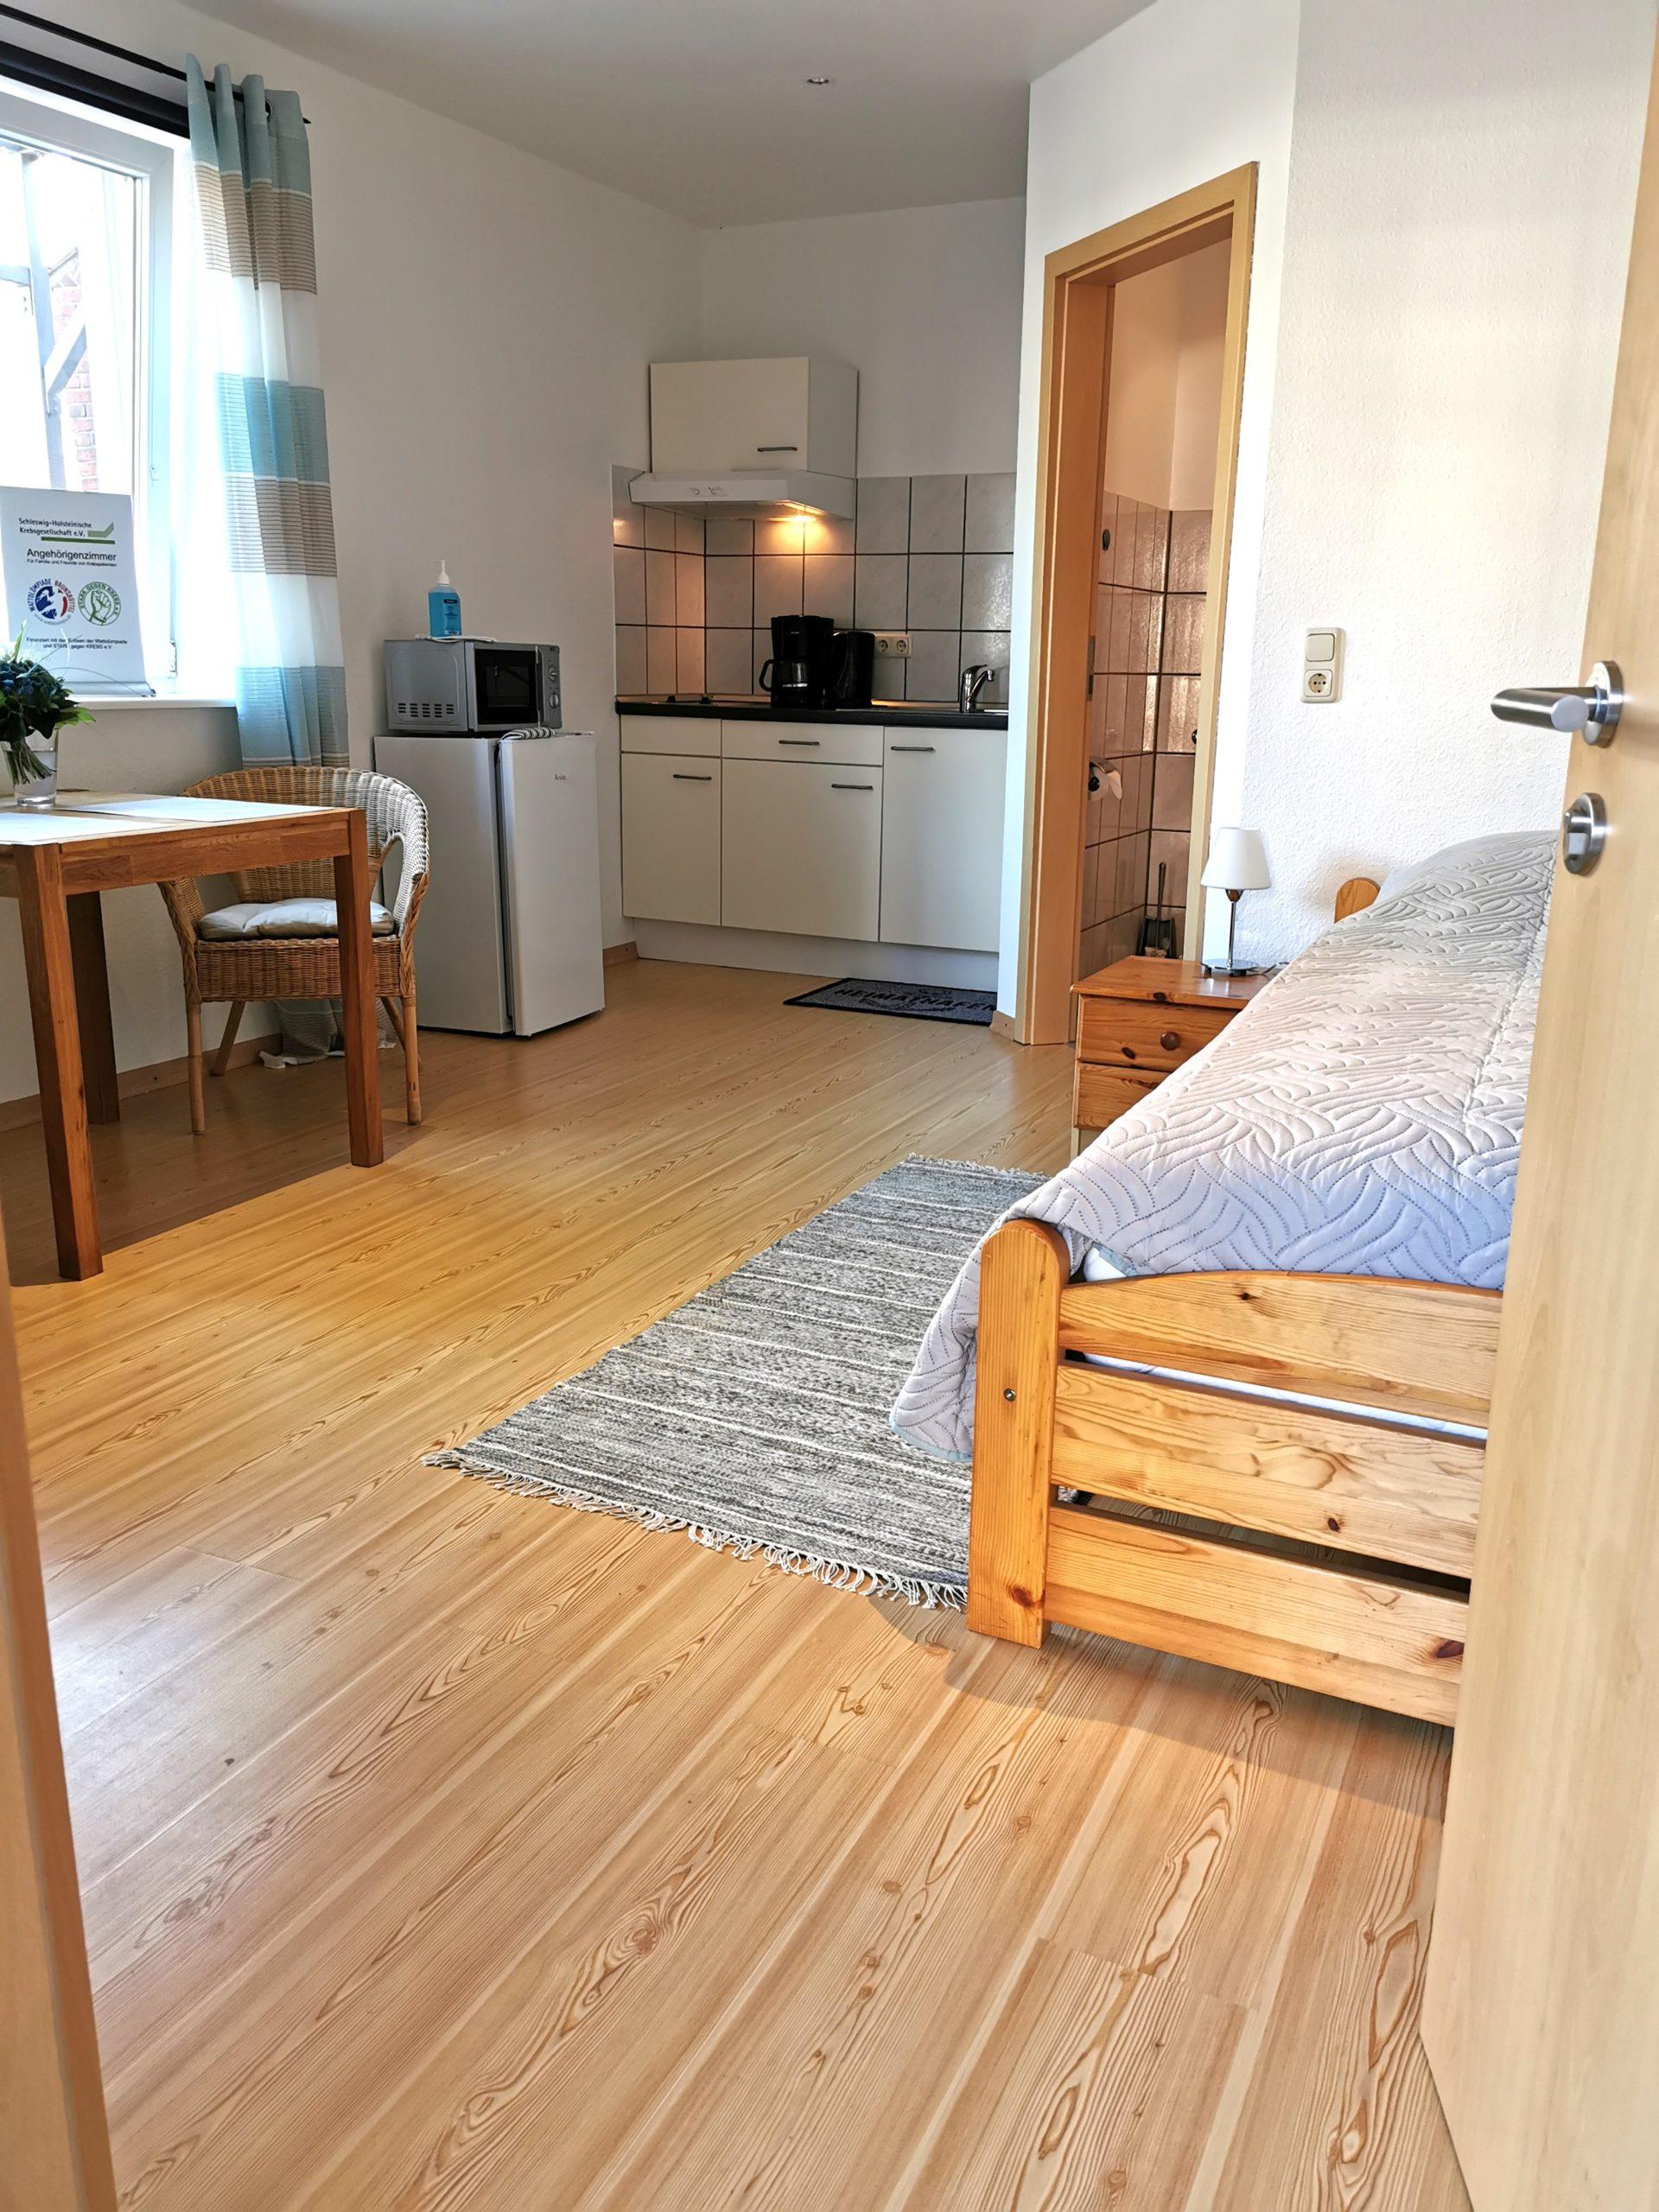 Blick auf Bett und Küchenzeile